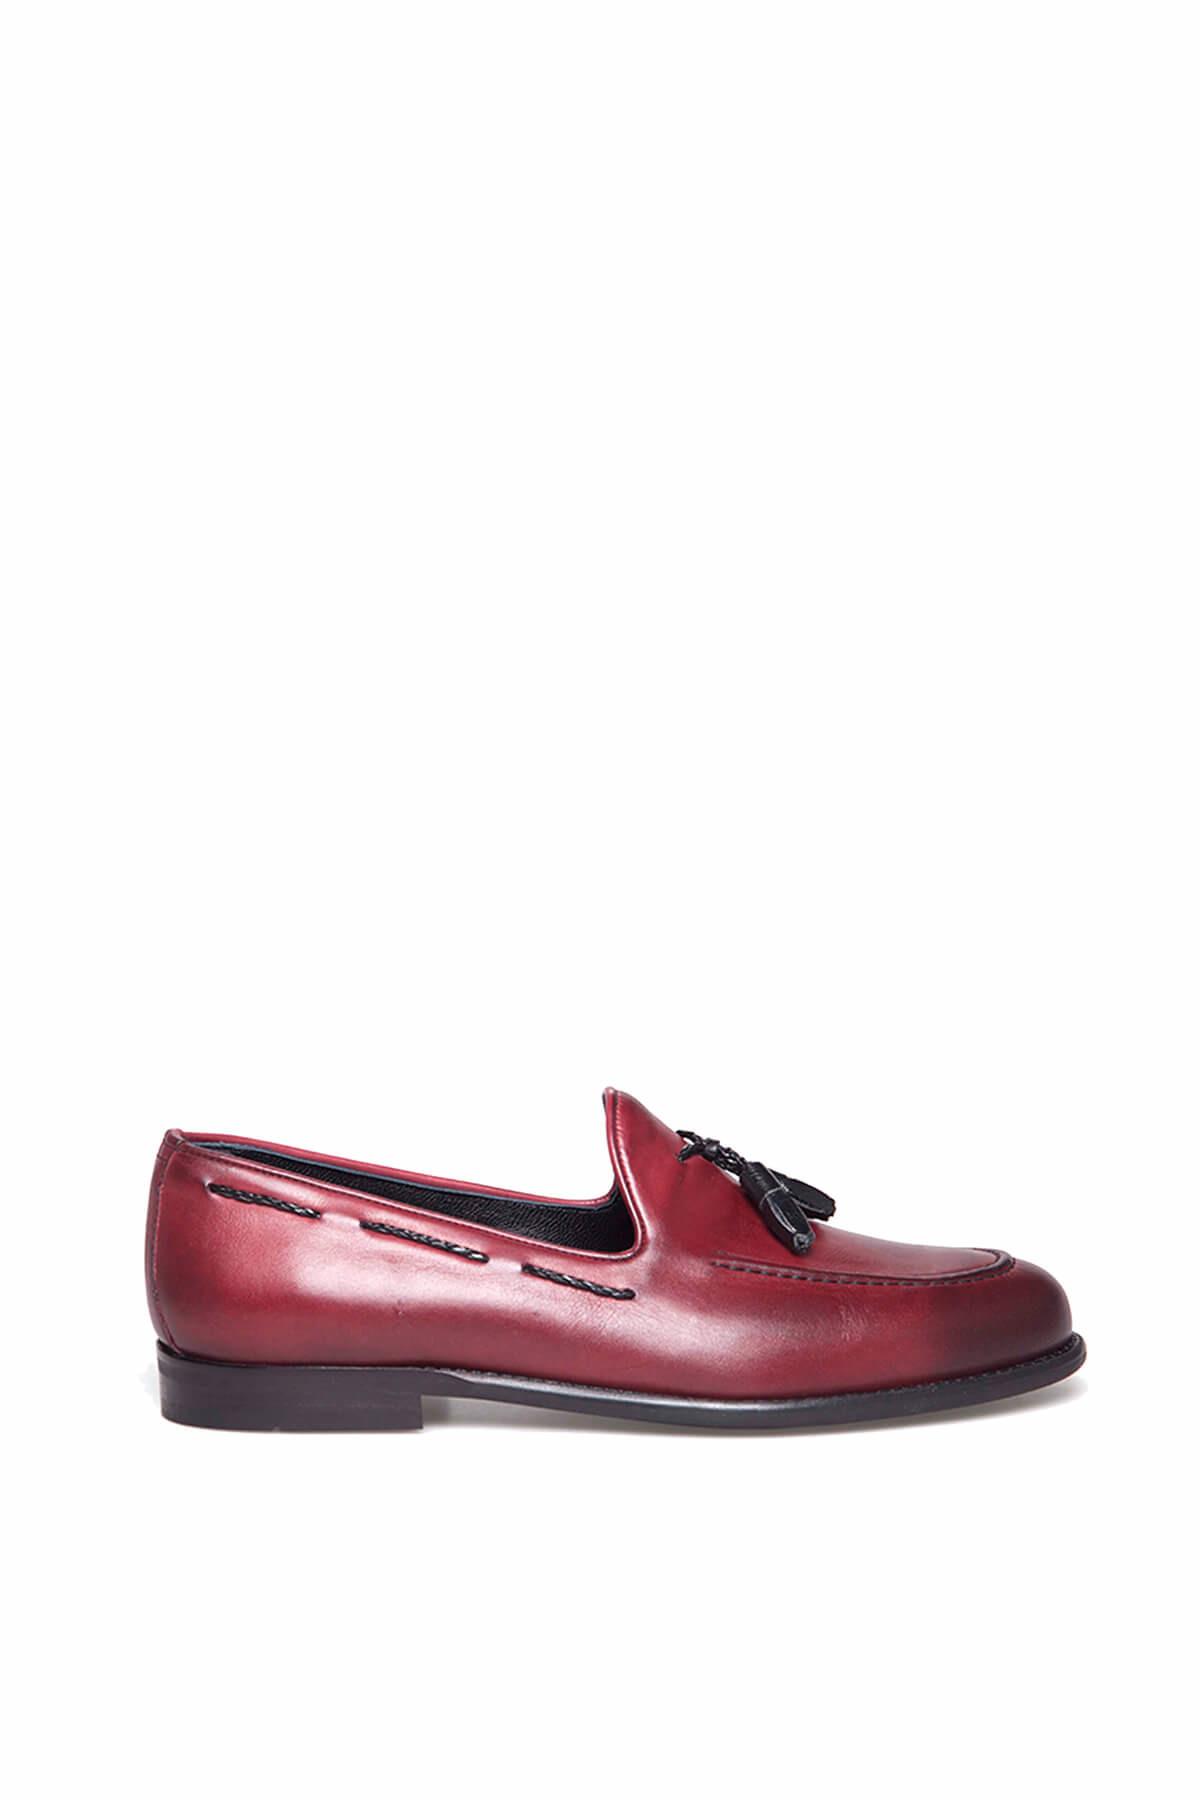 TETRİ Bordo Erkek Ayakkabı 3S811886120 1